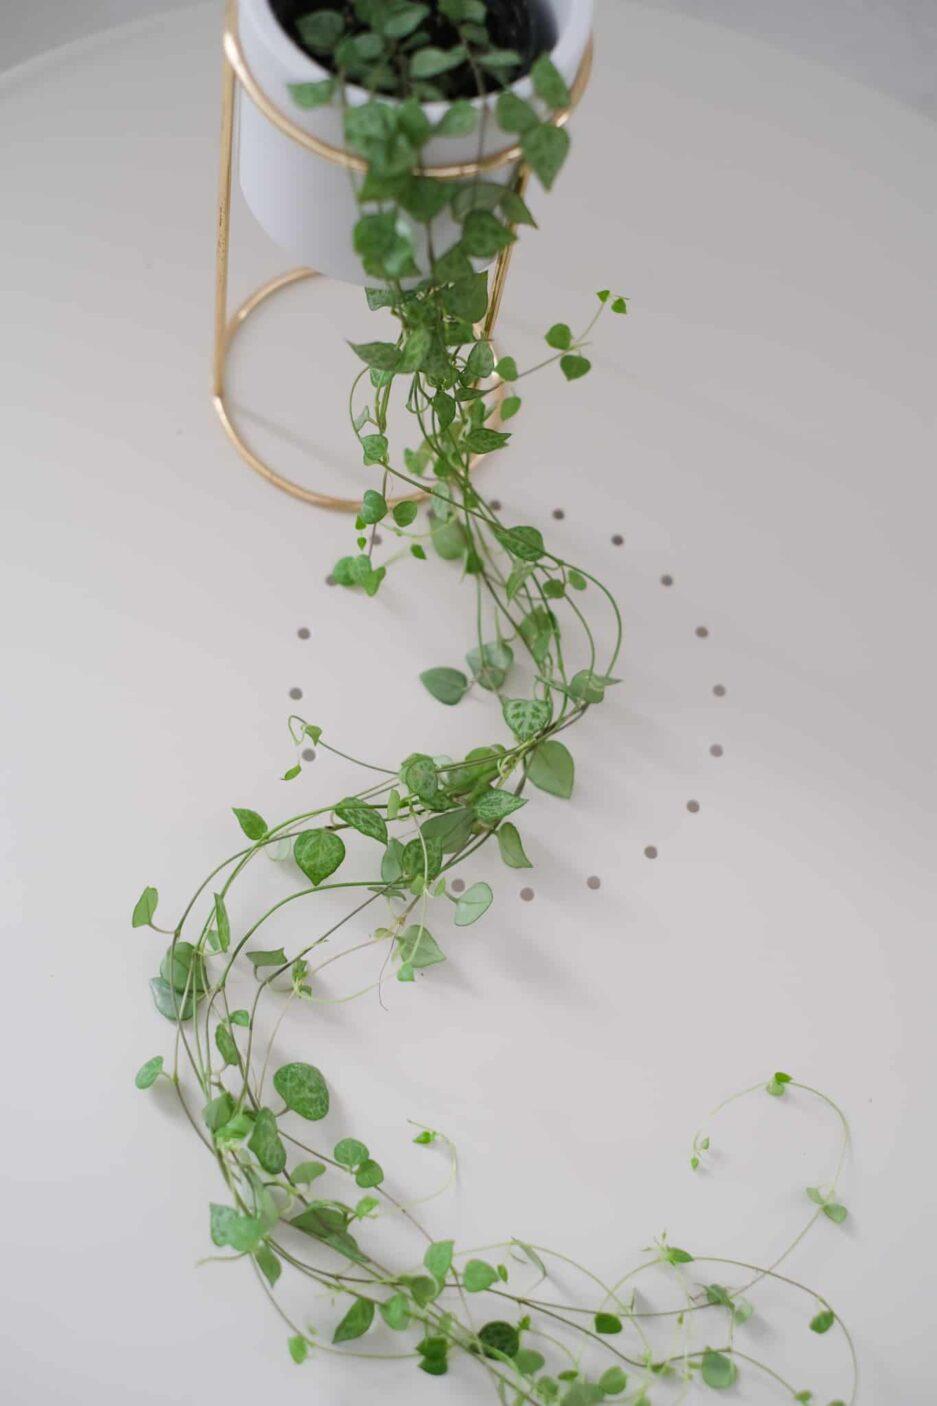 Ceropegia woodii , Kalp kalbe karşı çiçeği